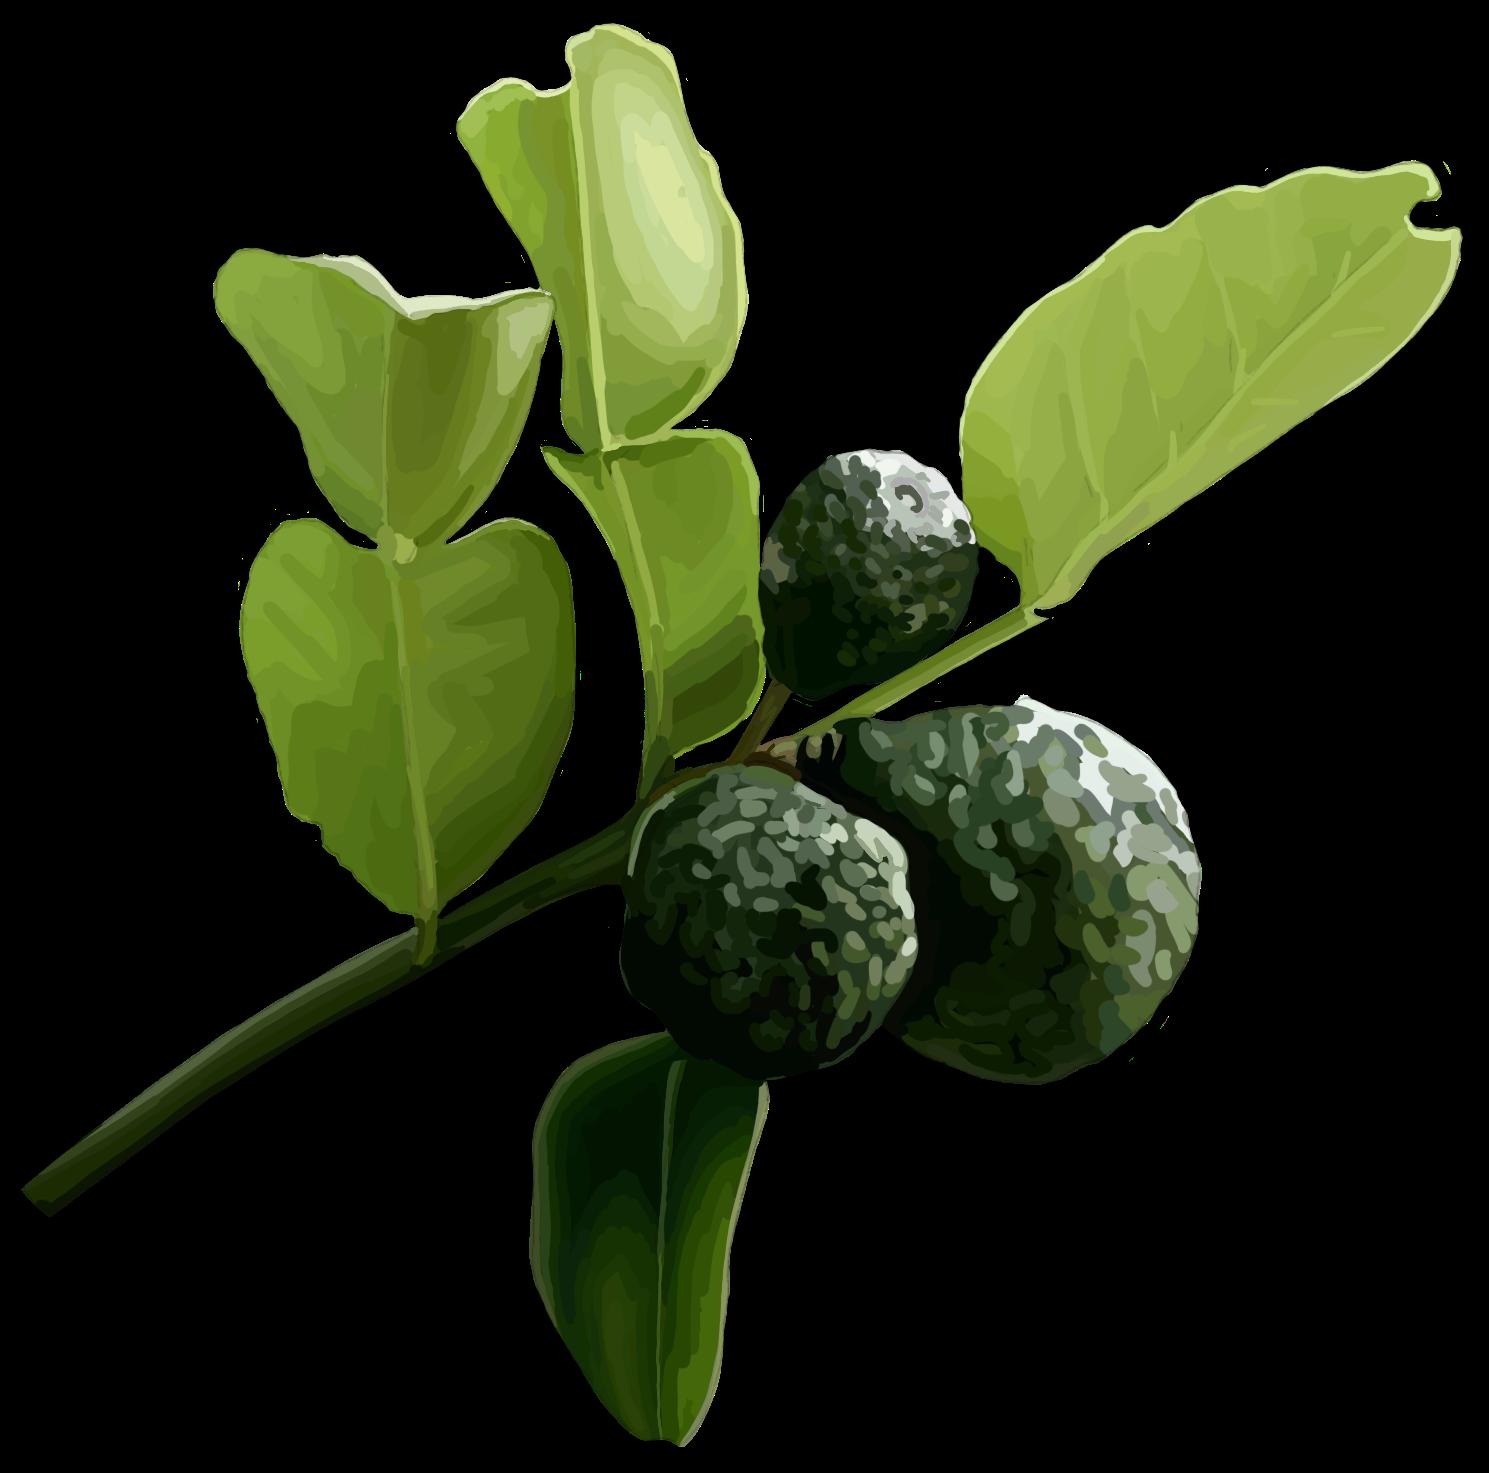 Kaffir lime. Citrus hystrix